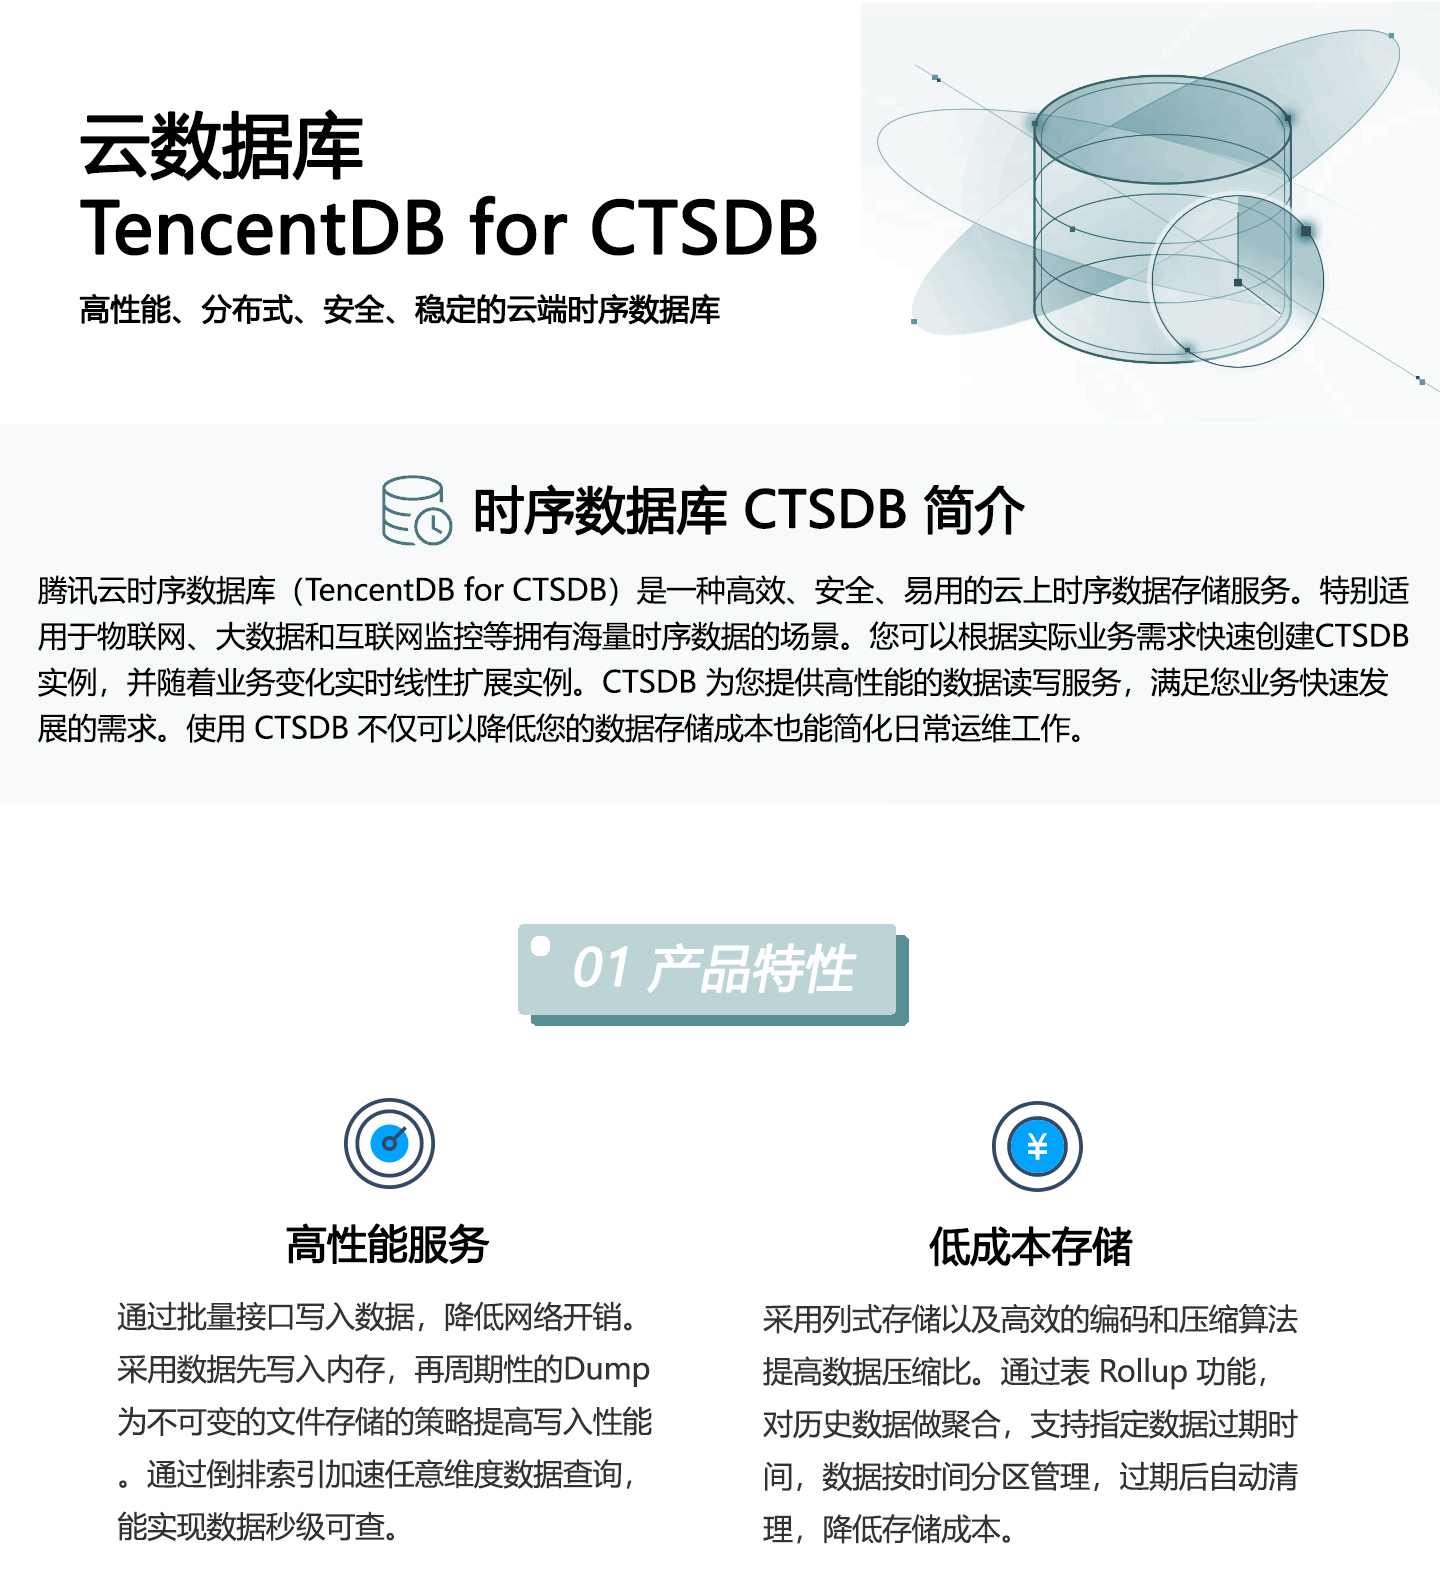 云数据库-TencentDB-for-CTSDB-1440_01.jpg